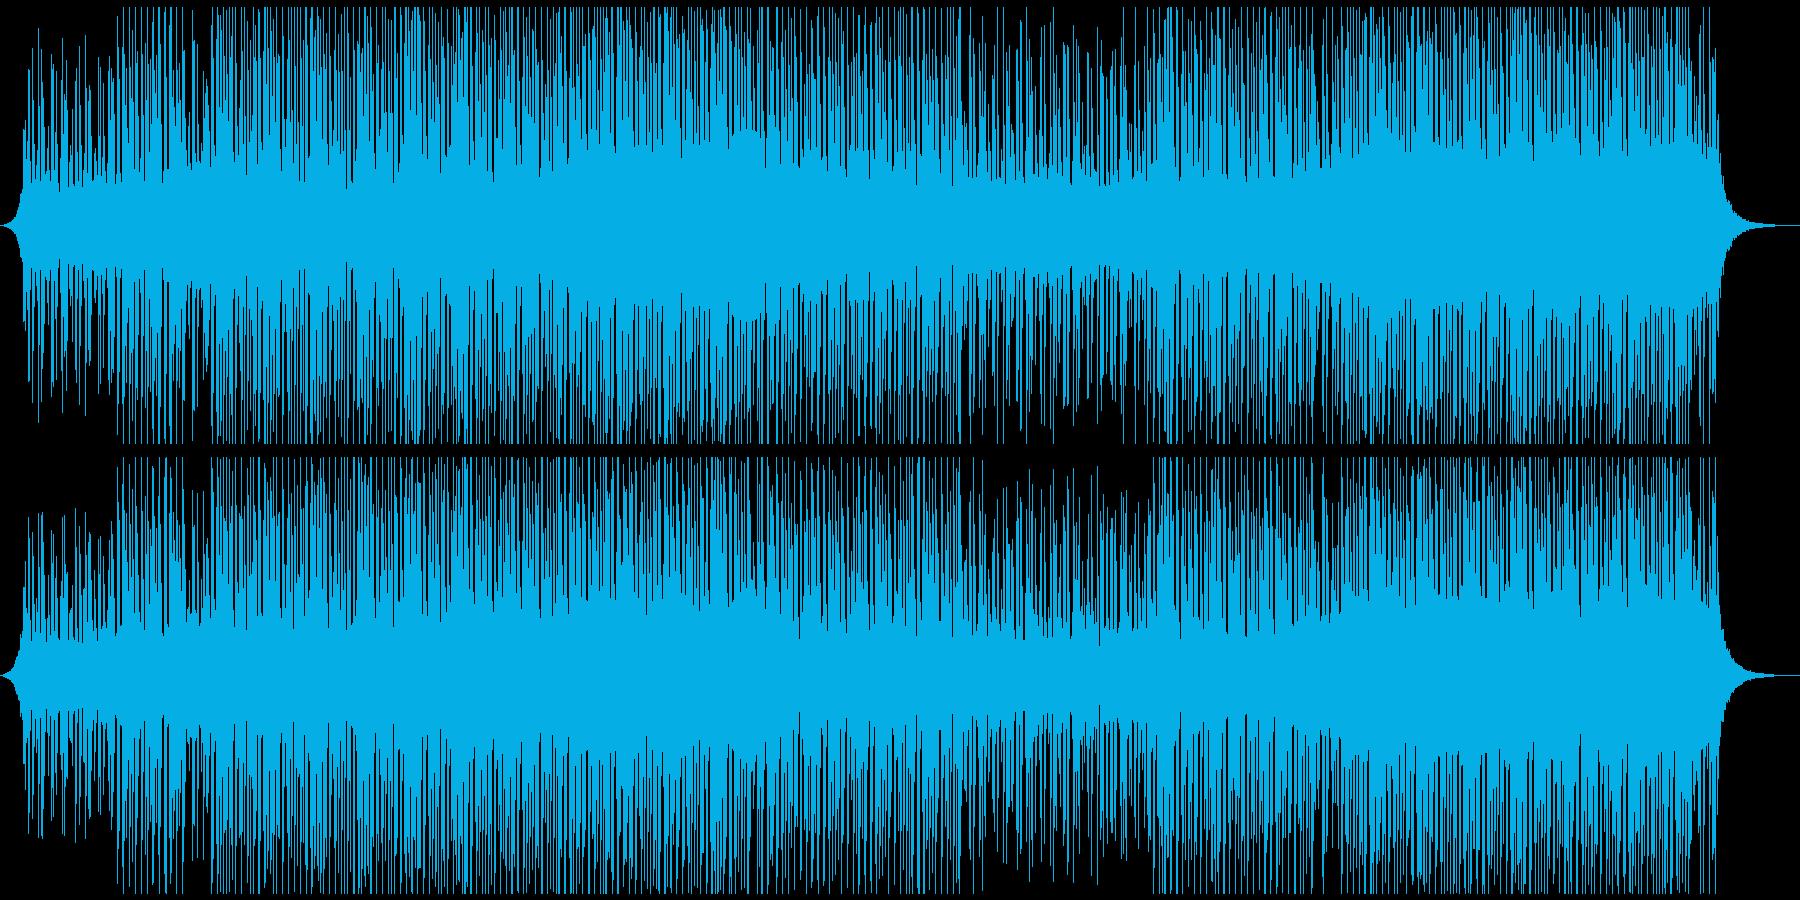 ハッピーアップビートミュージックの再生済みの波形